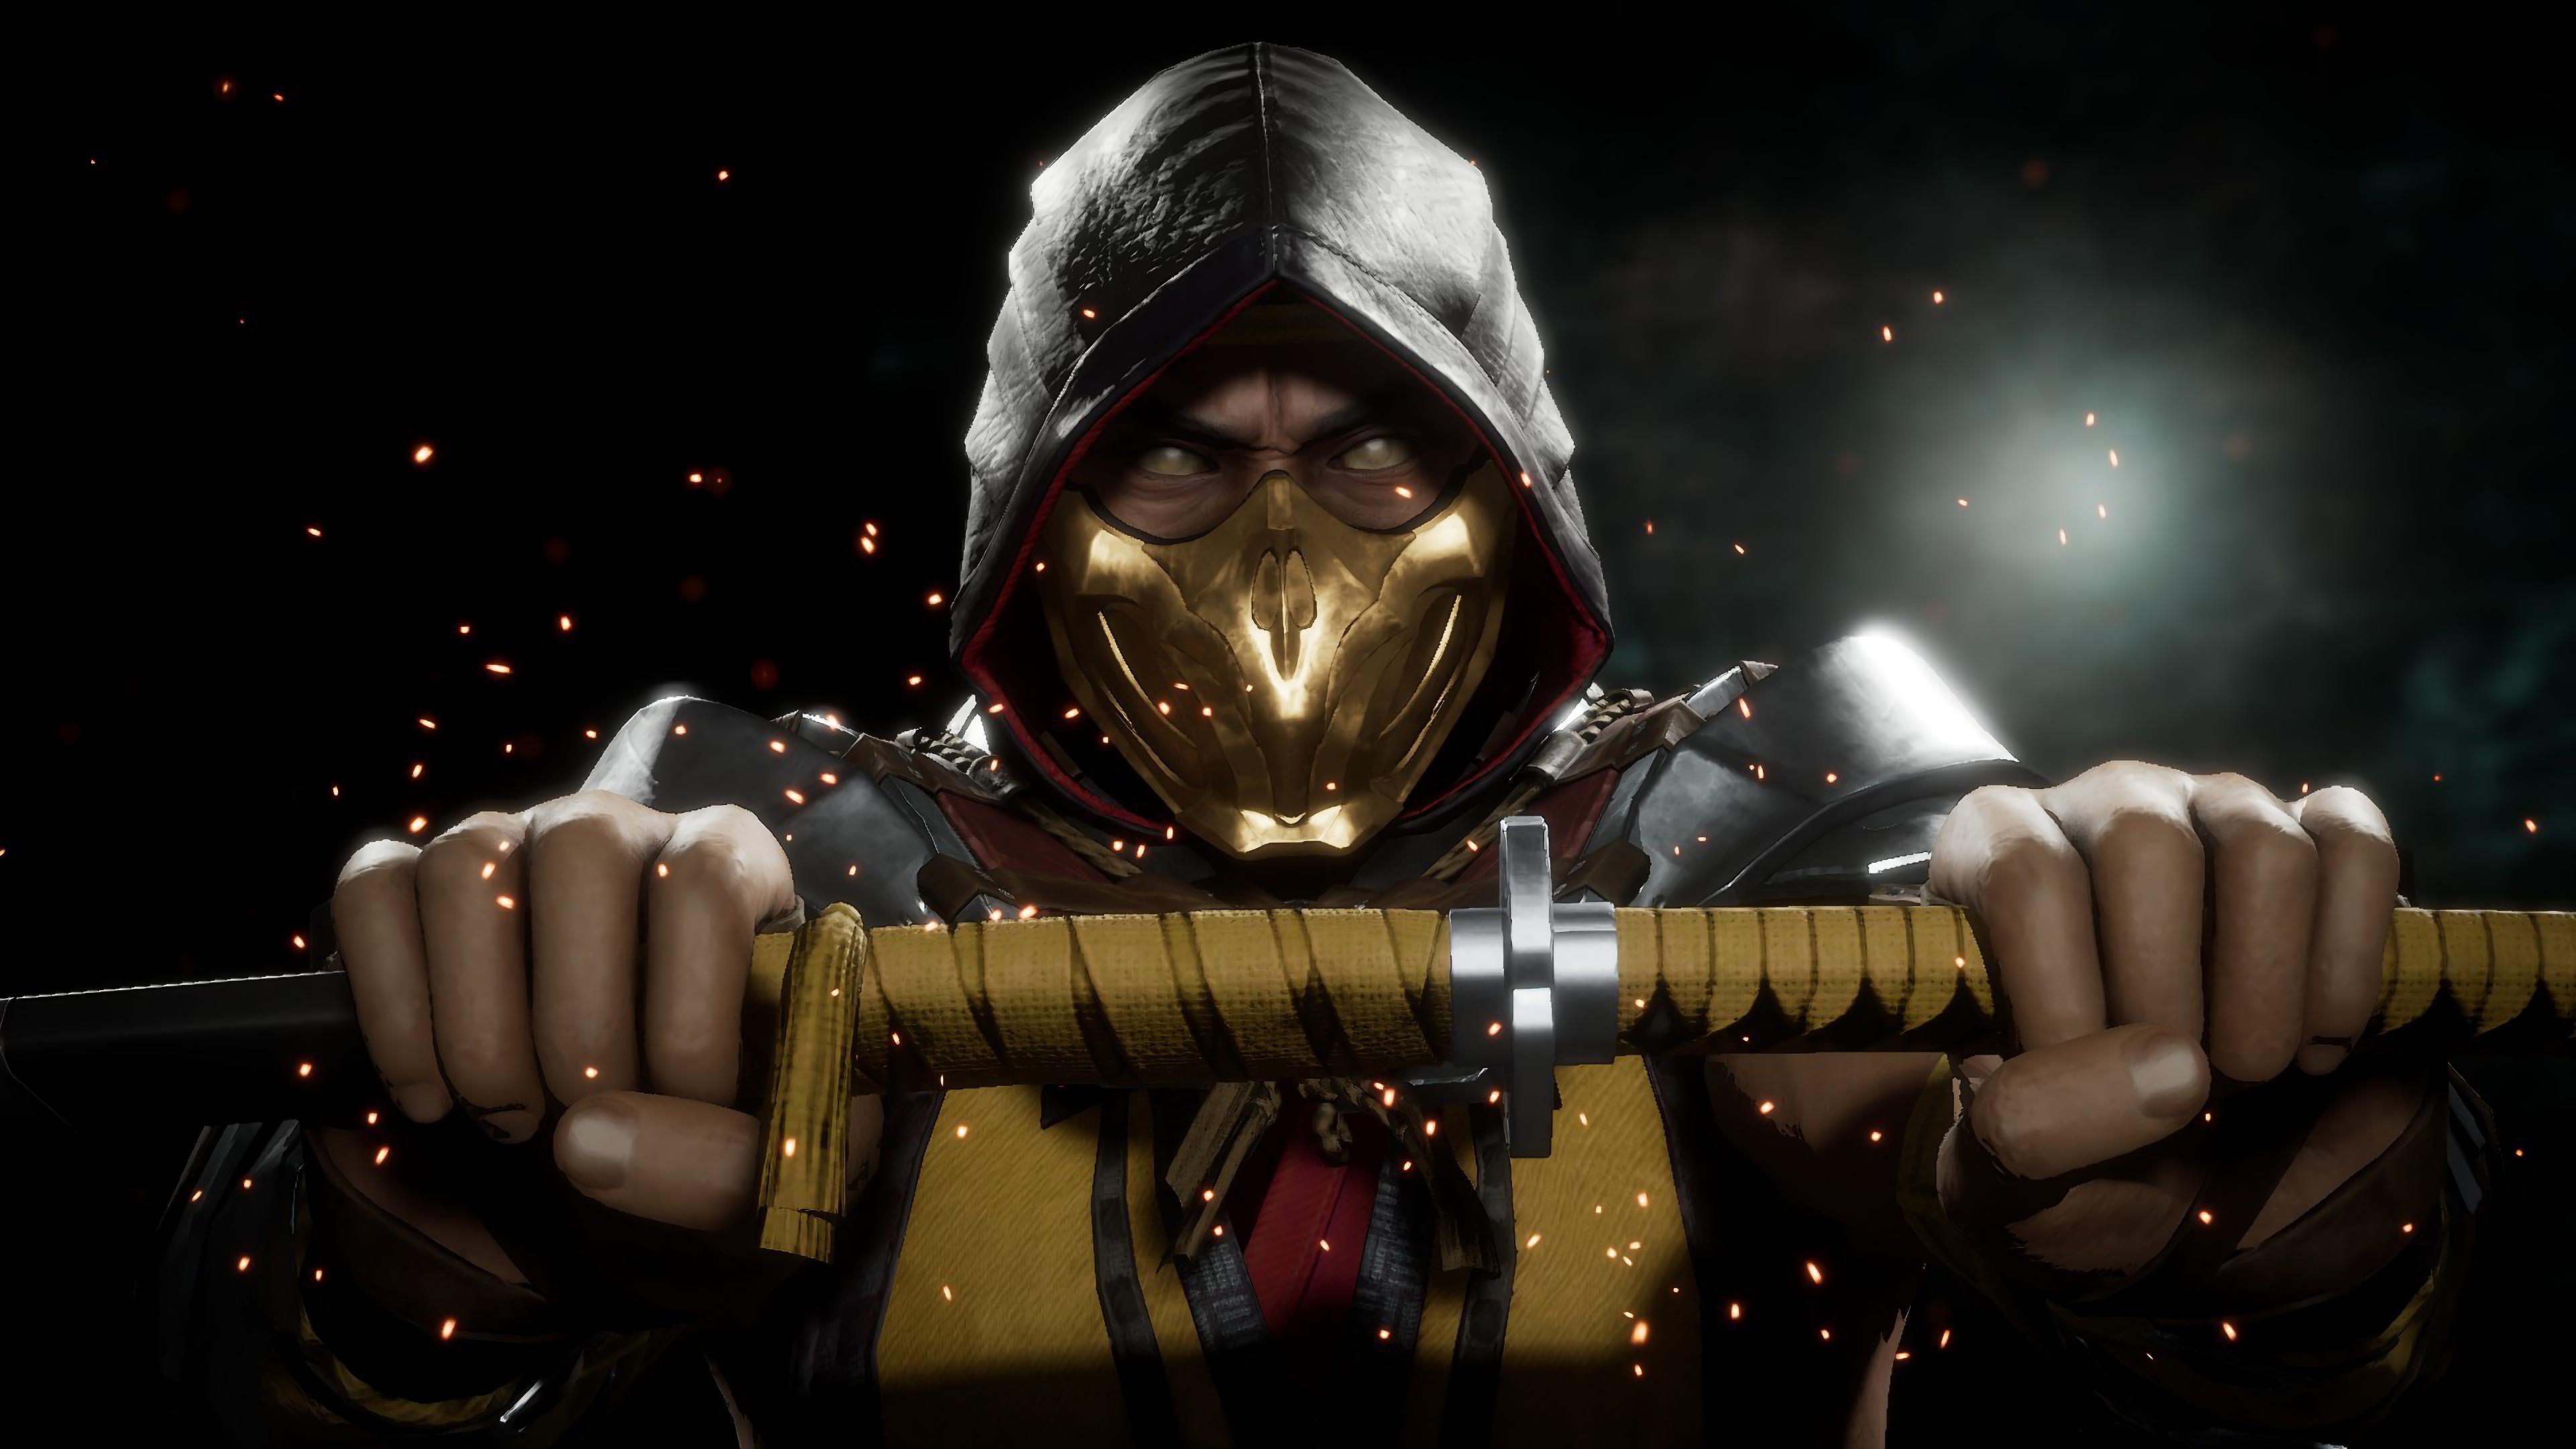 Mortal Kombat 11 artwork